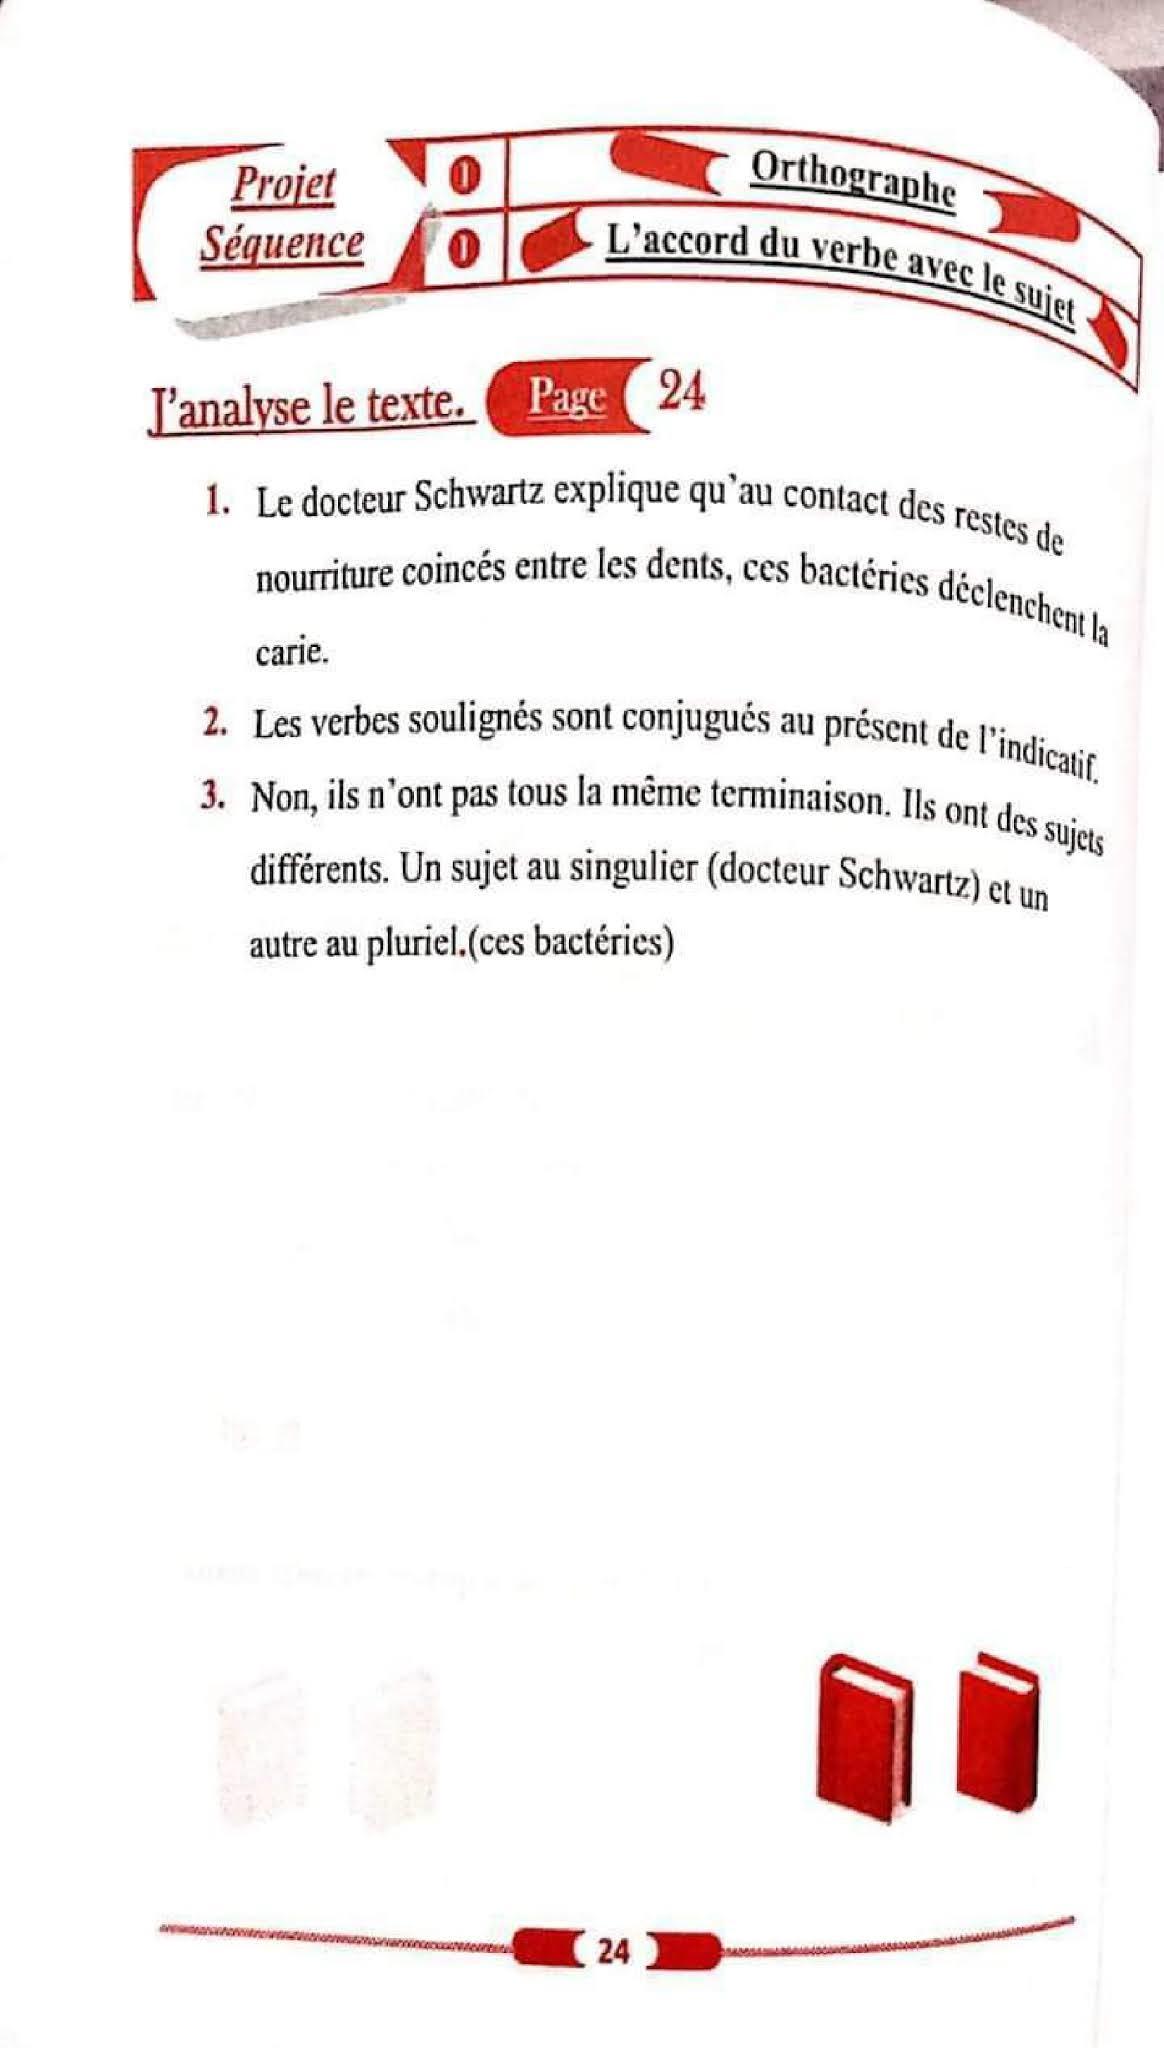 حل تمارين صفحة 24 الفرنسية 1 متوسط الجيل الثاني